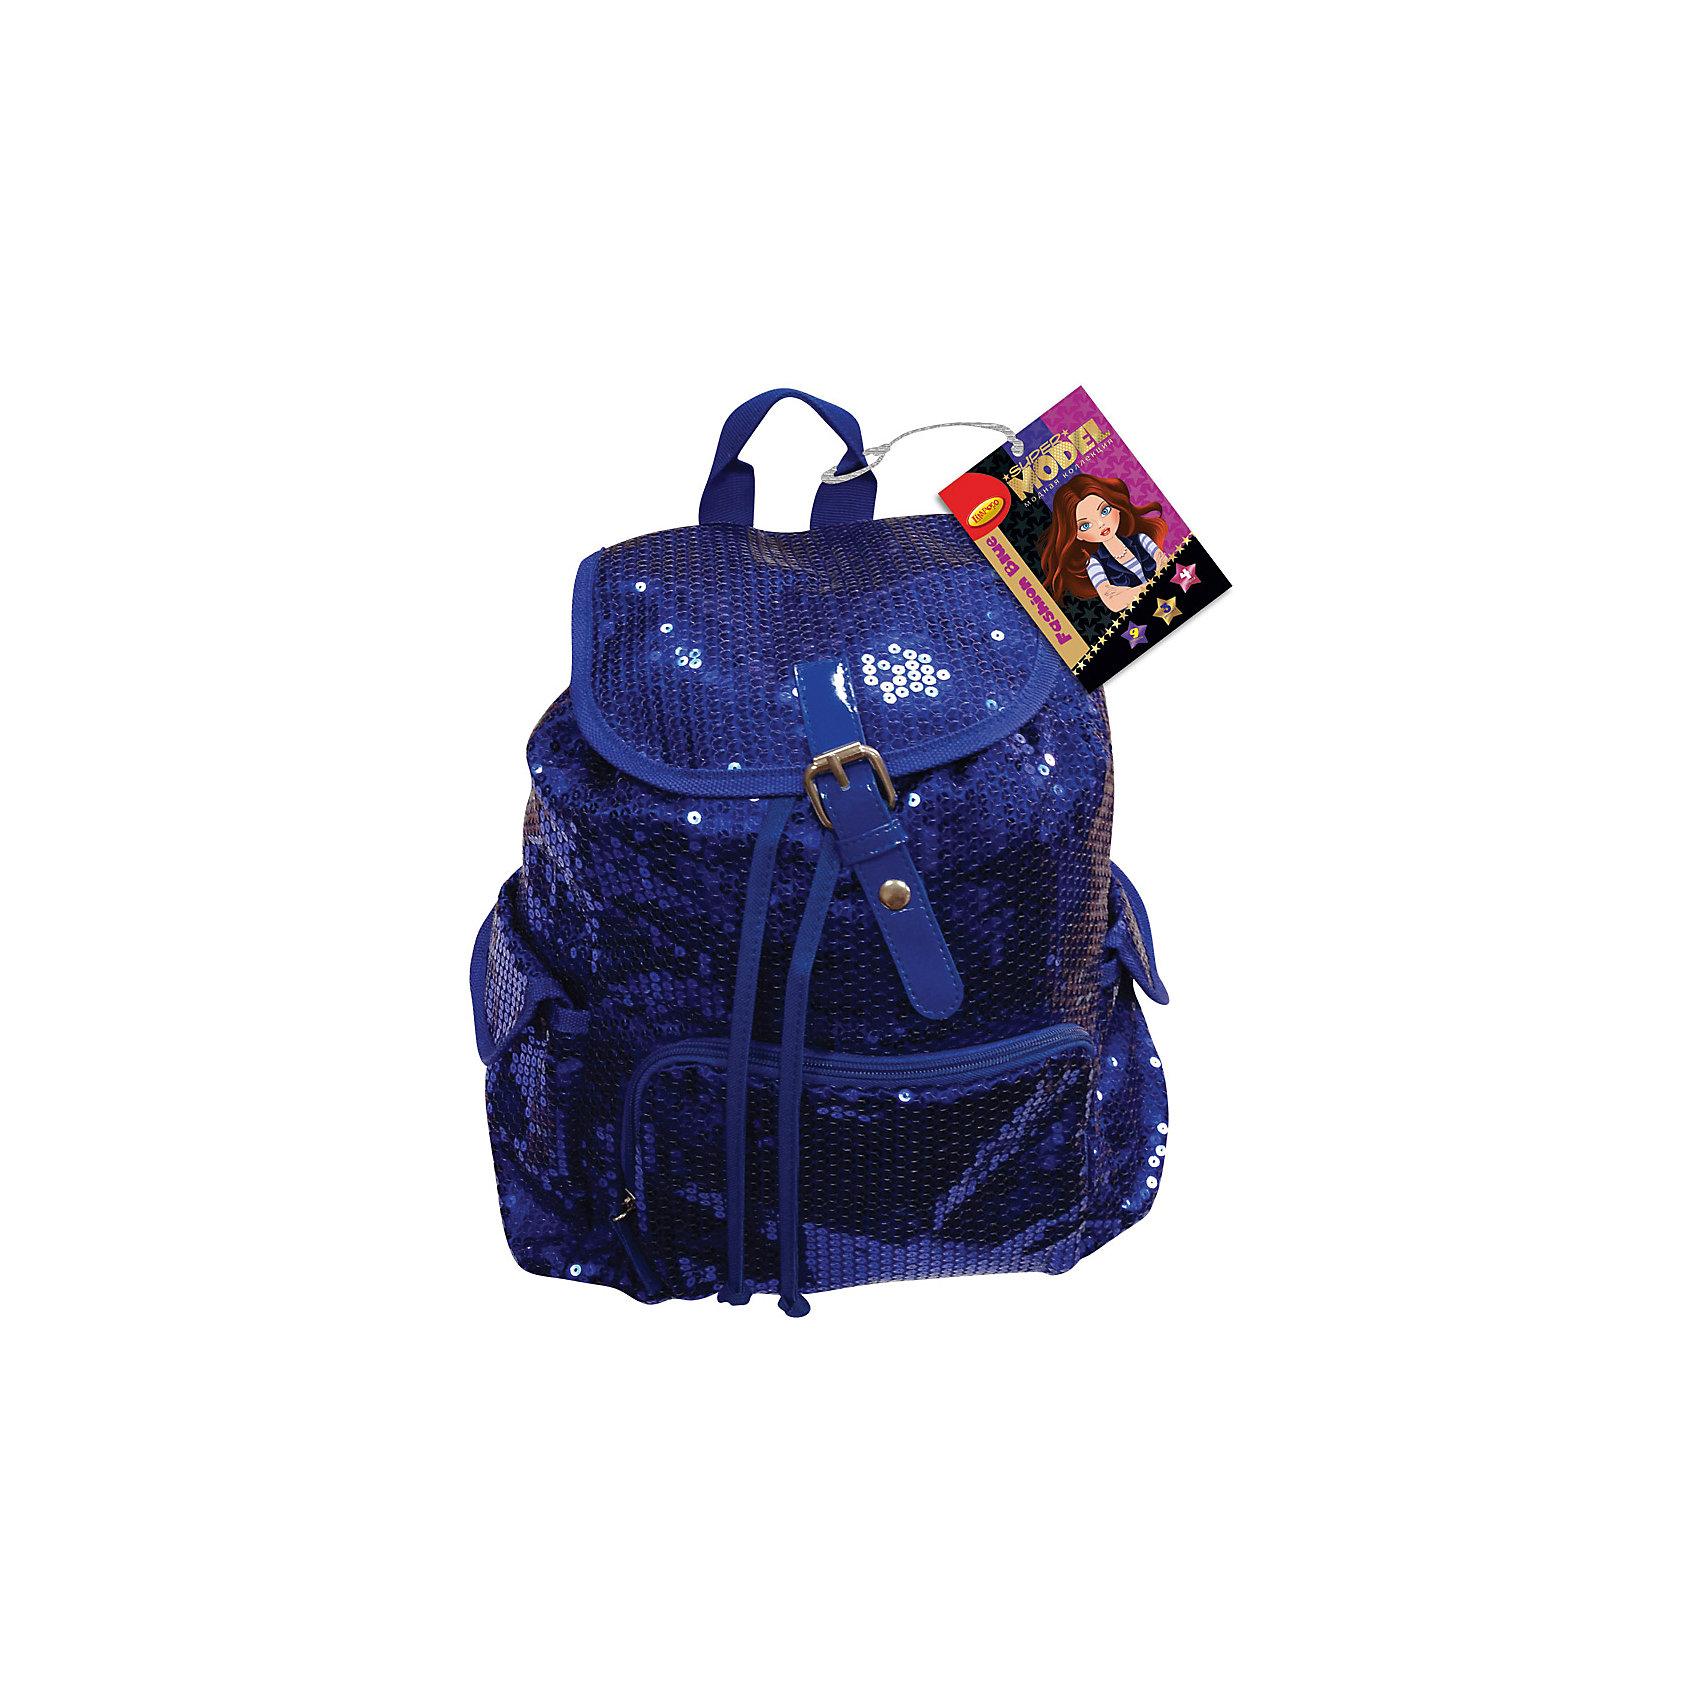 Синий рюкзак Fashion Style Super ModelРюкзаки<br>Синий рюкзак Fashion Style Super Model, Limpopo (Лимпопо)<br><br>Характеристики:<br><br>• вместительное отделение<br>• регулируемые лямки<br>• внешний карман<br>• два боковых кармана<br>• насыщенный цвет<br>• украшен пайетками<br>• материал: 100% полиэстер<br>• размер упаковки: 38х3х39 см<br>• вес: 583 грамма<br>• цвет: синий<br><br>Рюкзак Fashion Style Super Model создан специально для юных модниц. Он отличается модным дизайном: материал насыщенного синего цвета, украшенный блестящими пайетками никого не оставит равнодушным! Изделие имеет одно основное вместительное отделение, внешний карман и два боковых кармана. Надёжная застежка-ремешок предотвратит потерю вещей. Лямки рюкзака регулируются по росту ребёнка. Рюкзак изготовлен из прочного полиэстера.<br><br>Синий рюкзак Fashion Style Super Model, Limpopo (Лимпопо) можно купить в нашем интернет-магазине.<br><br>Ширина мм: 390<br>Глубина мм: 30<br>Высота мм: 380<br>Вес г: 583<br>Возраст от месяцев: 84<br>Возраст до месяцев: 216<br>Пол: Женский<br>Возраст: Детский<br>SKU: 5390346